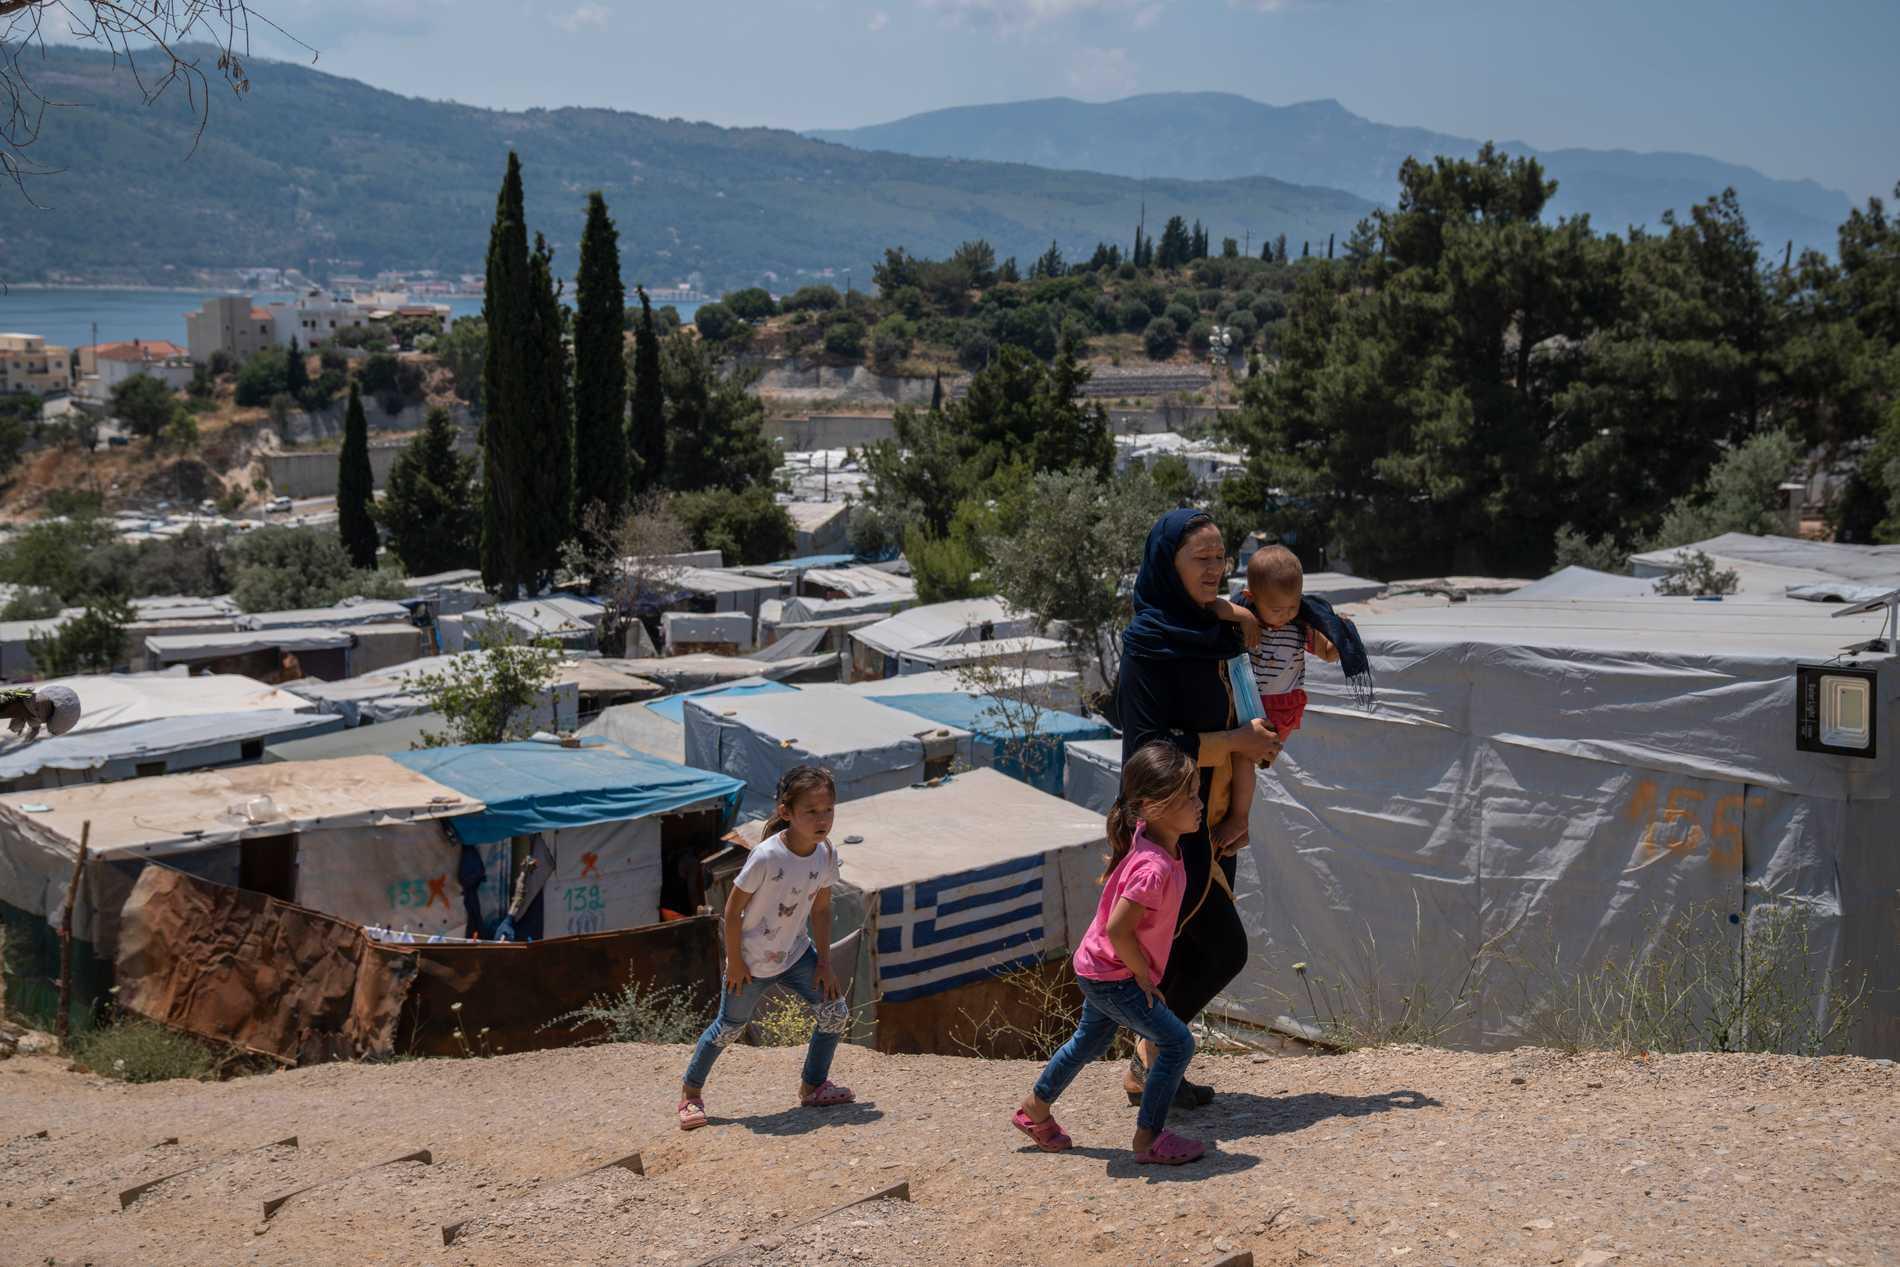 En kvinna från Afghanistan med sina tre barn i ett flyktingläger på Samos i Grekland. Bilden är från den 11 juni.